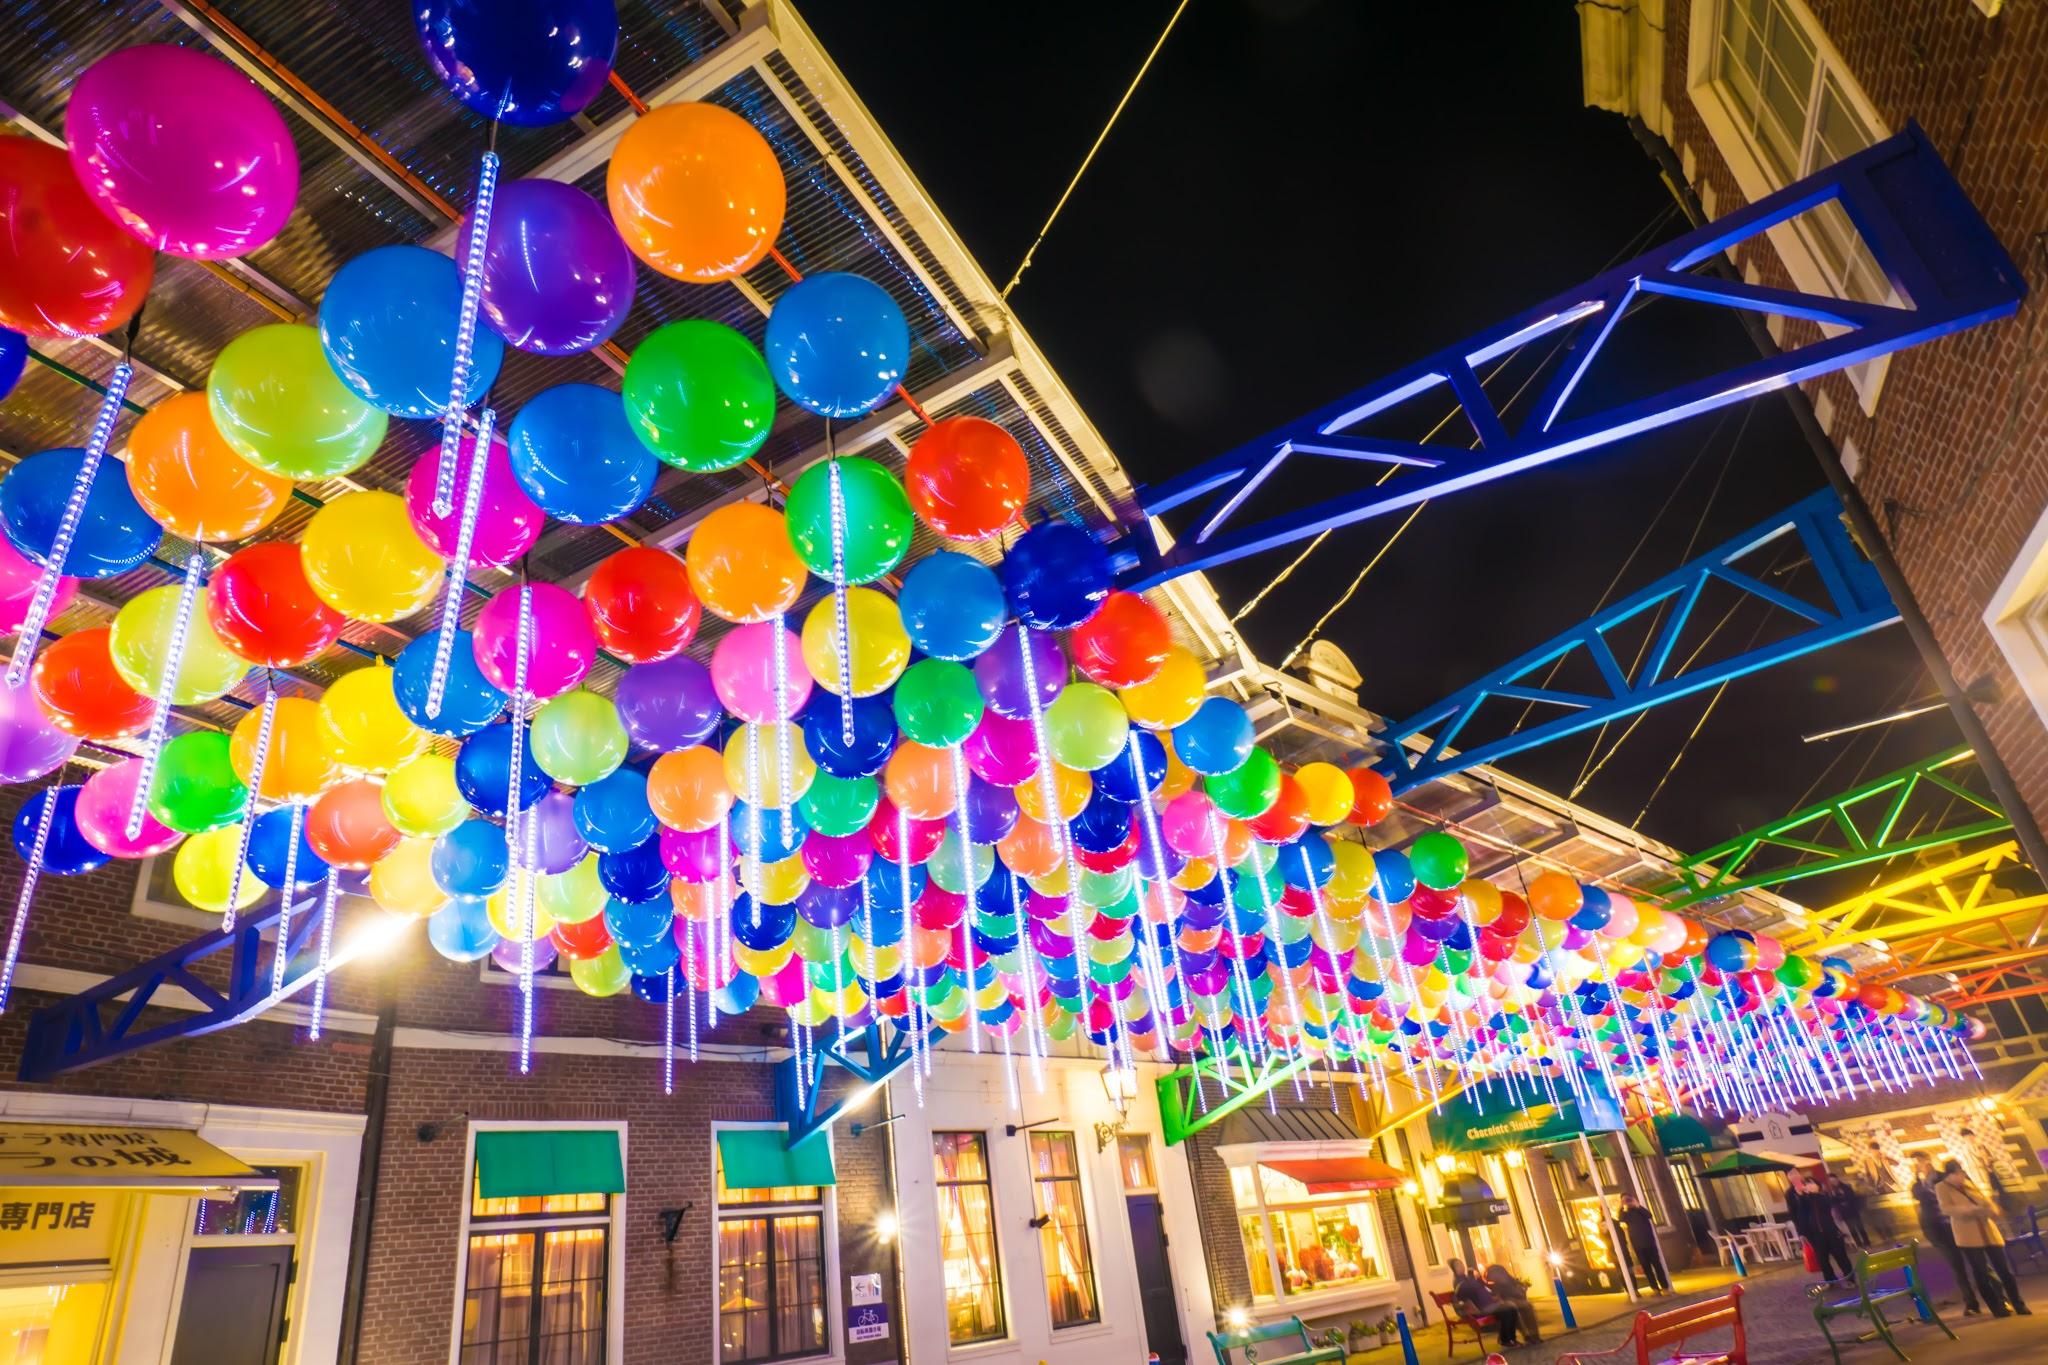 ハウステンボス イルミネーション 光の王国 ハッピーバルーンストリート2